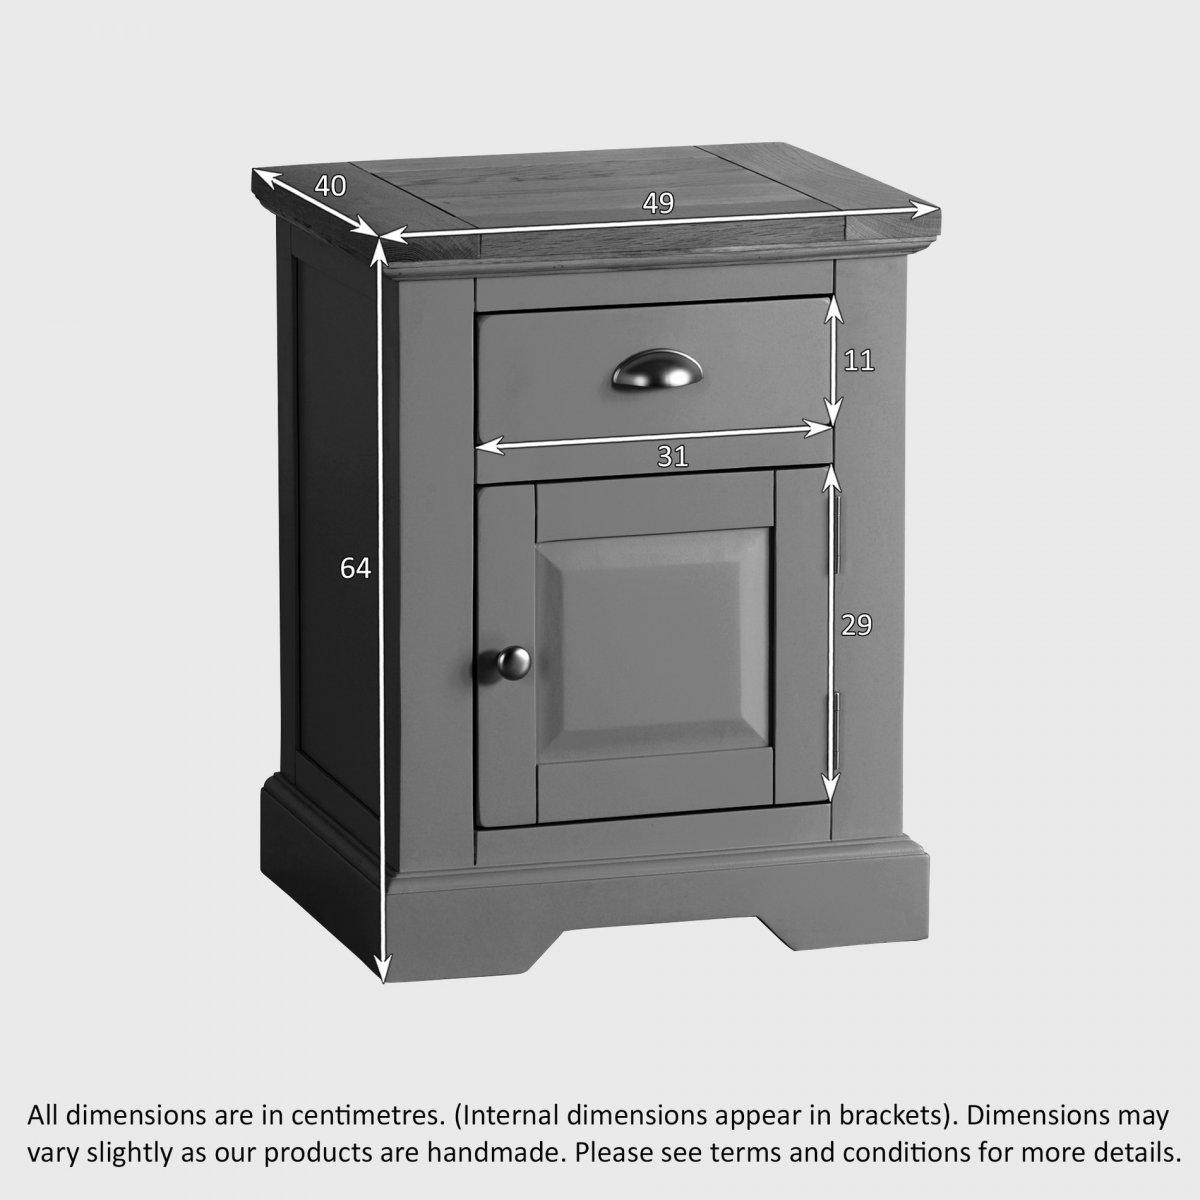 st ives grey bedside table with brushed oak top. Black Bedroom Furniture Sets. Home Design Ideas